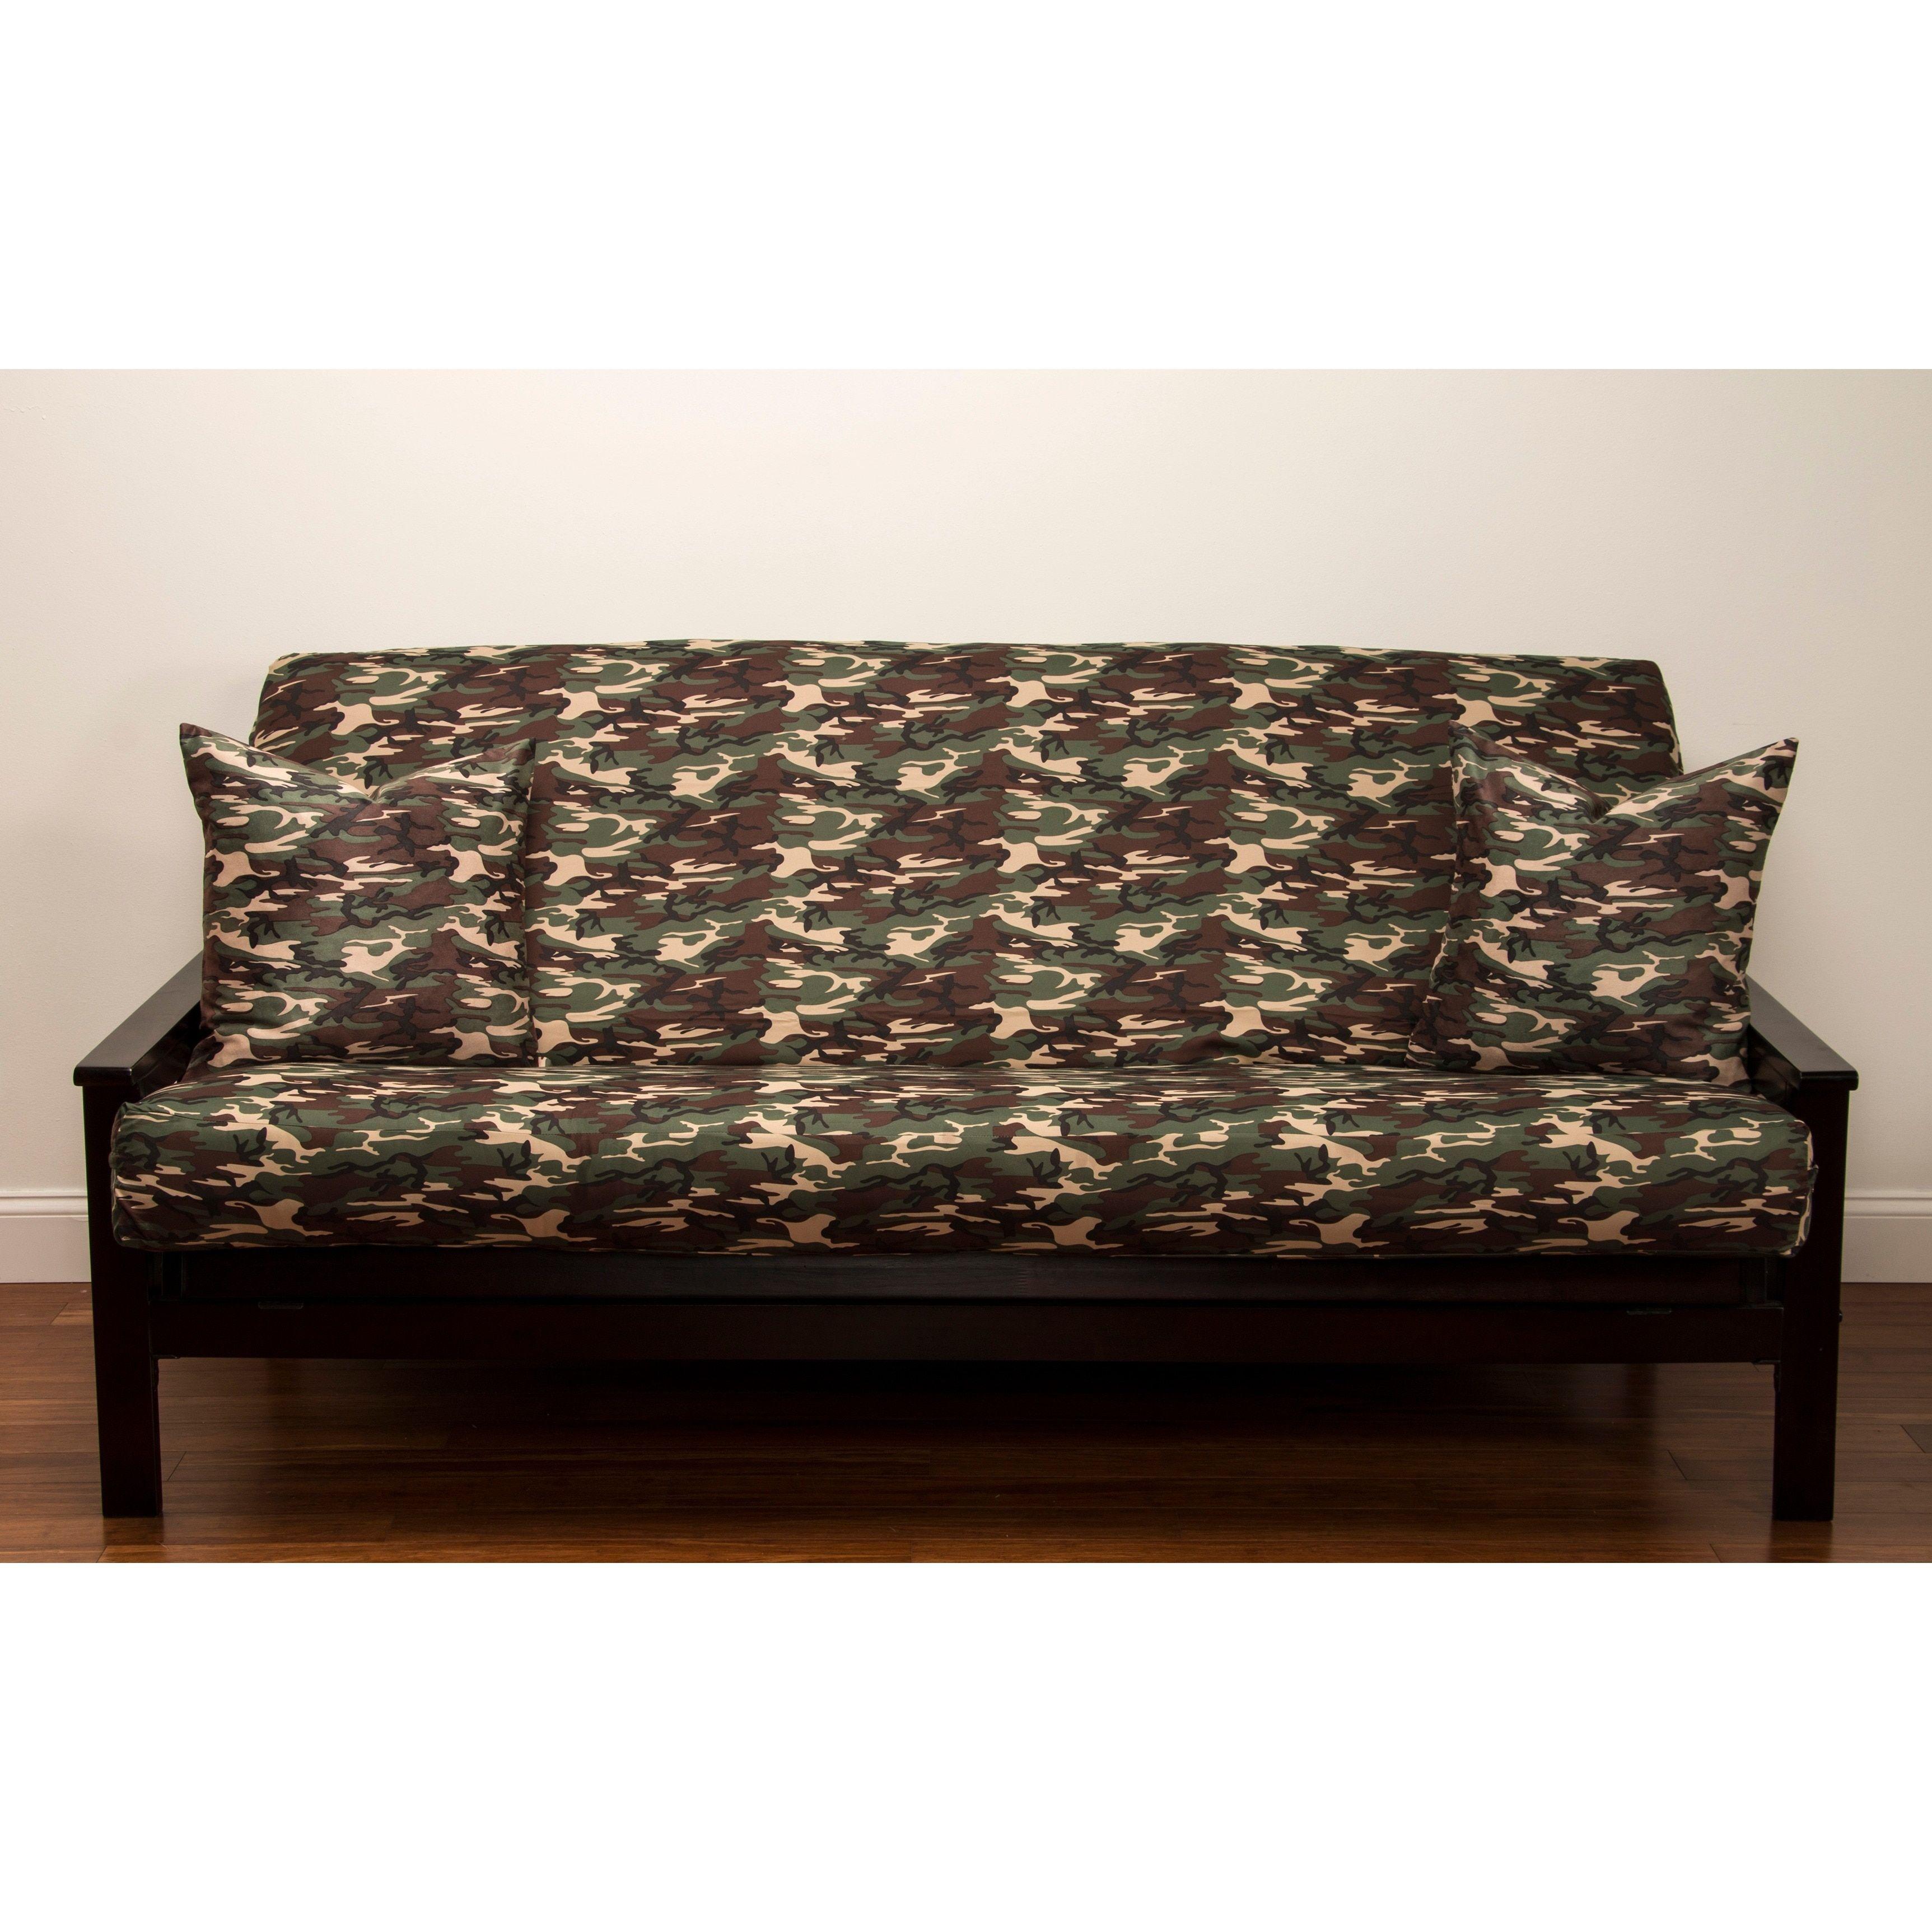 Camo Sofa Bed Baci Living Room